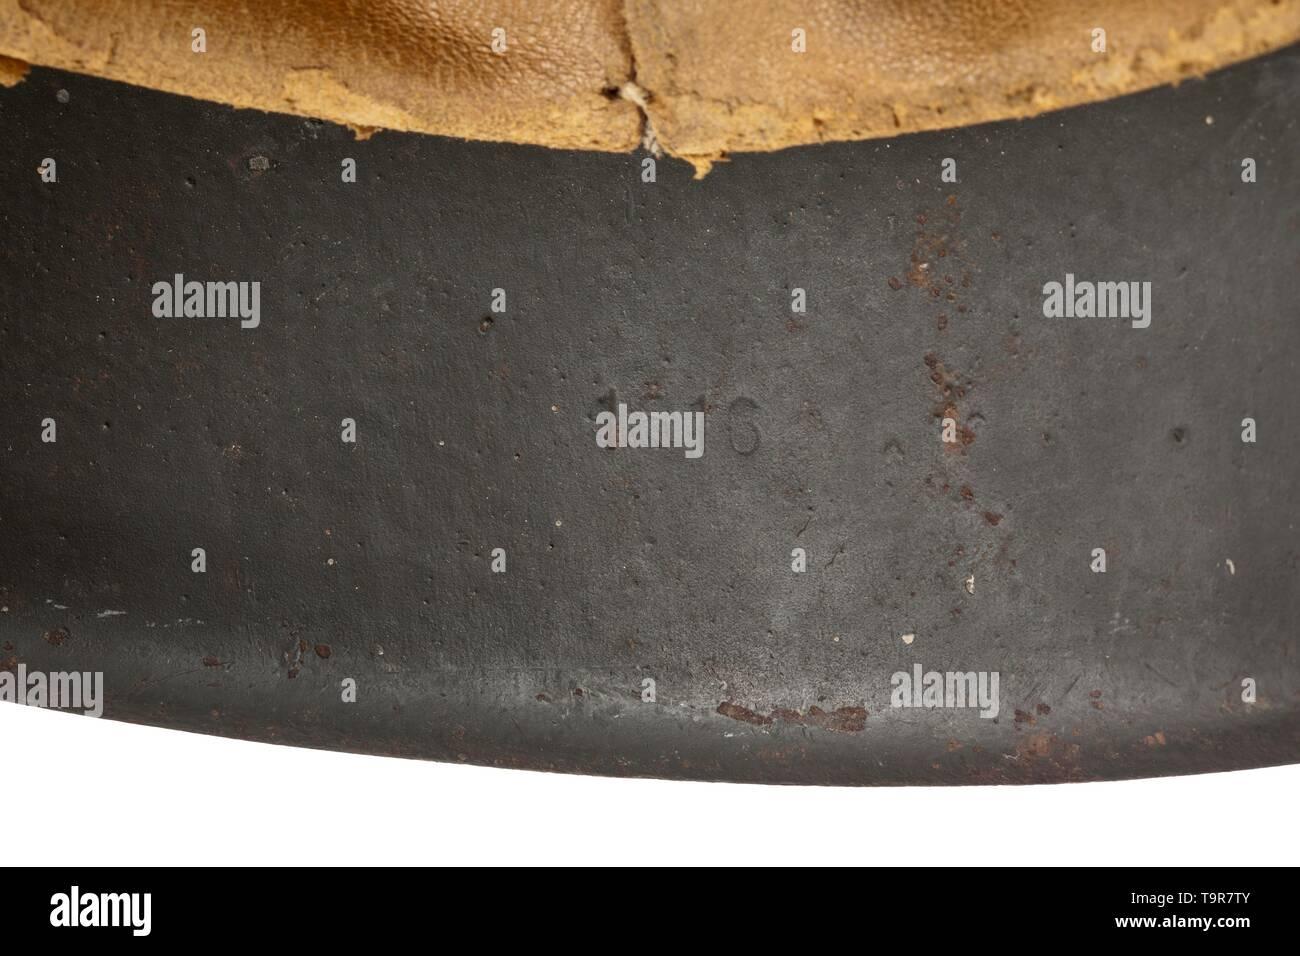 Ein stahlhelm M40 für die französische Fremdenlegion freiwilligen persönlichen Stück 'Chef Lacomnie 'grau lackierter Stahl Schädel, das Hoheitszeichen fast unversehrt, die französische nationale Schild, zeitgenössisch von Hand aufgetragen, den Innenraum mit Teekocher Stamps' ET 66' und '1616', die Akzeptanz für die Briefmarke Crest, komplette Innenauskleidung mit kinnband und handschriftlichen Träger Bezeichnung. Eine alte Inventar tag' Collection Andre Thelot' ist mit Ursprungsbezeichnung beigefügt. historischen, geschichtlichen, Armee, Streitkräfte, Bundeswehr, Militär, Militaria, Objekt, Objekte, Stills, Clipping, Clippings, Ausschneiden, Editorial-Use - Nur Stockbild